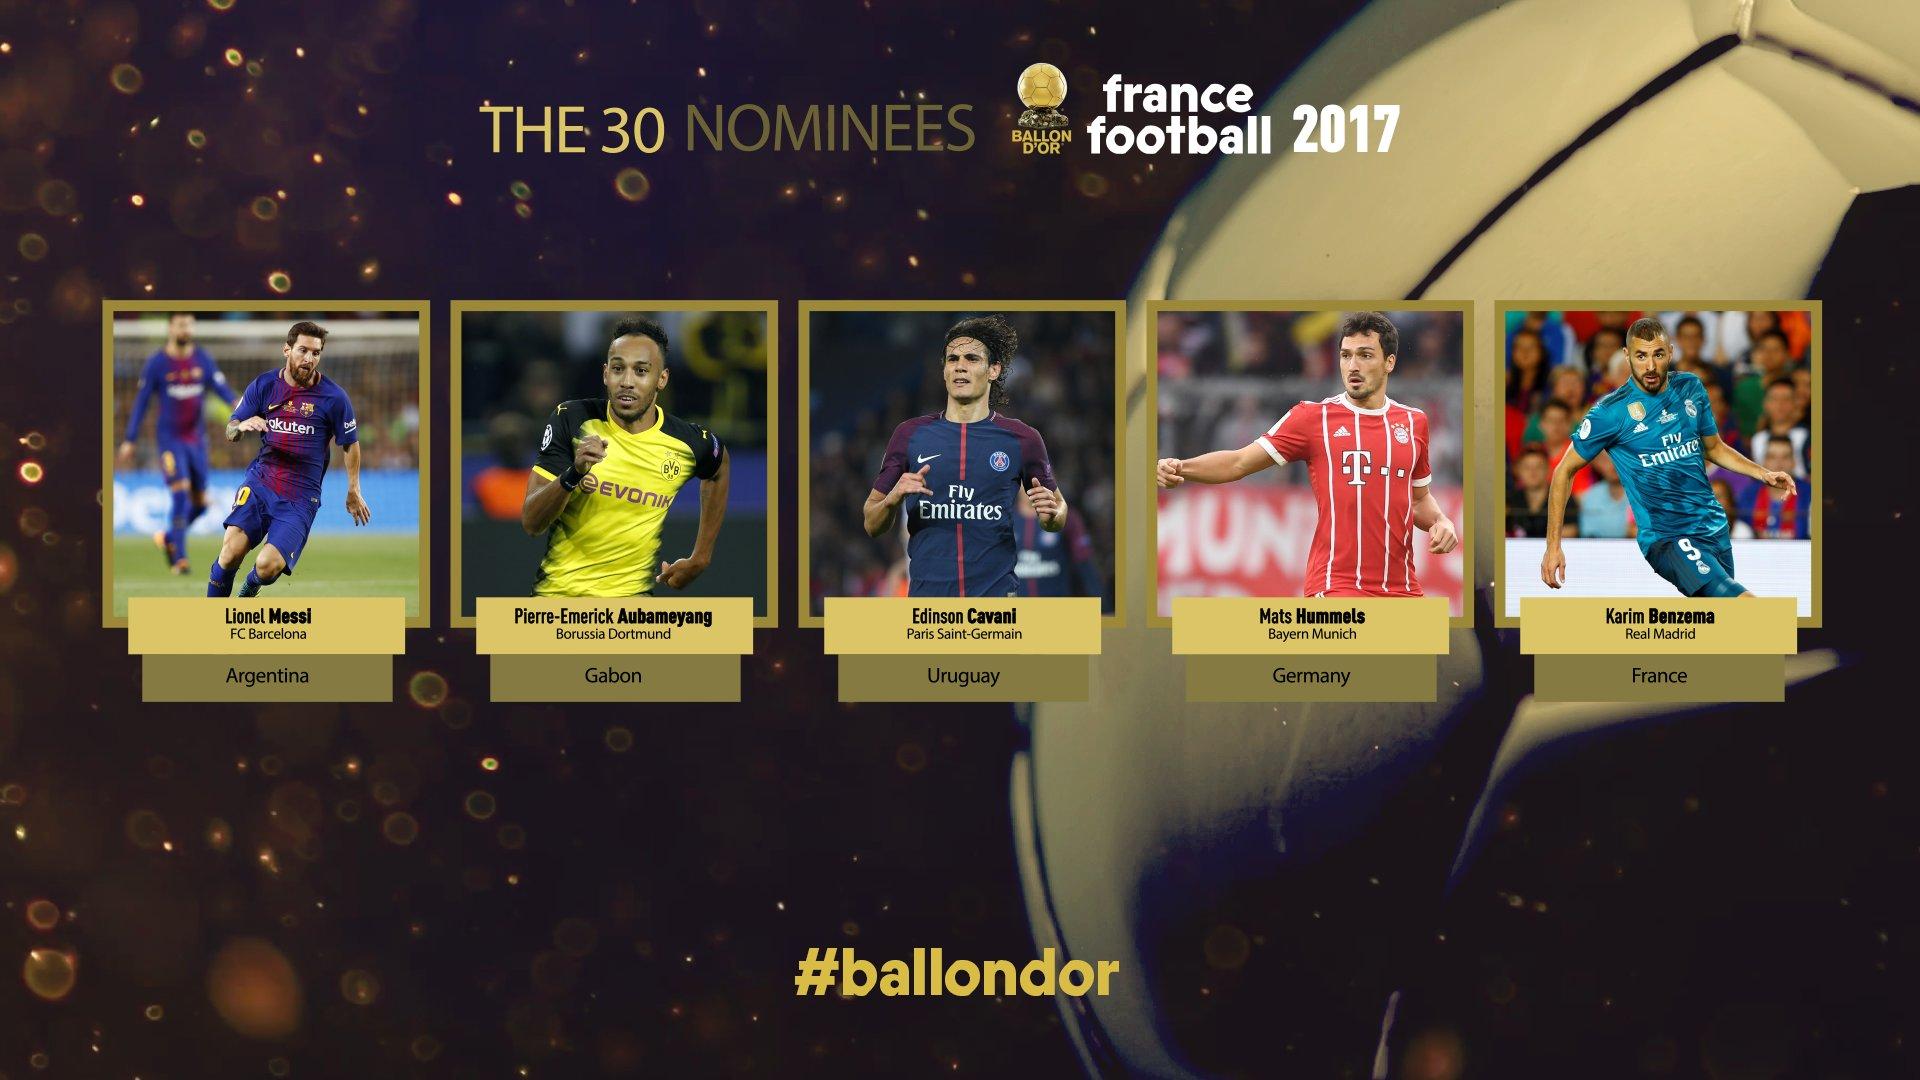 30 претендентов на золотой мяч 2017 нашем рейтинге лучших